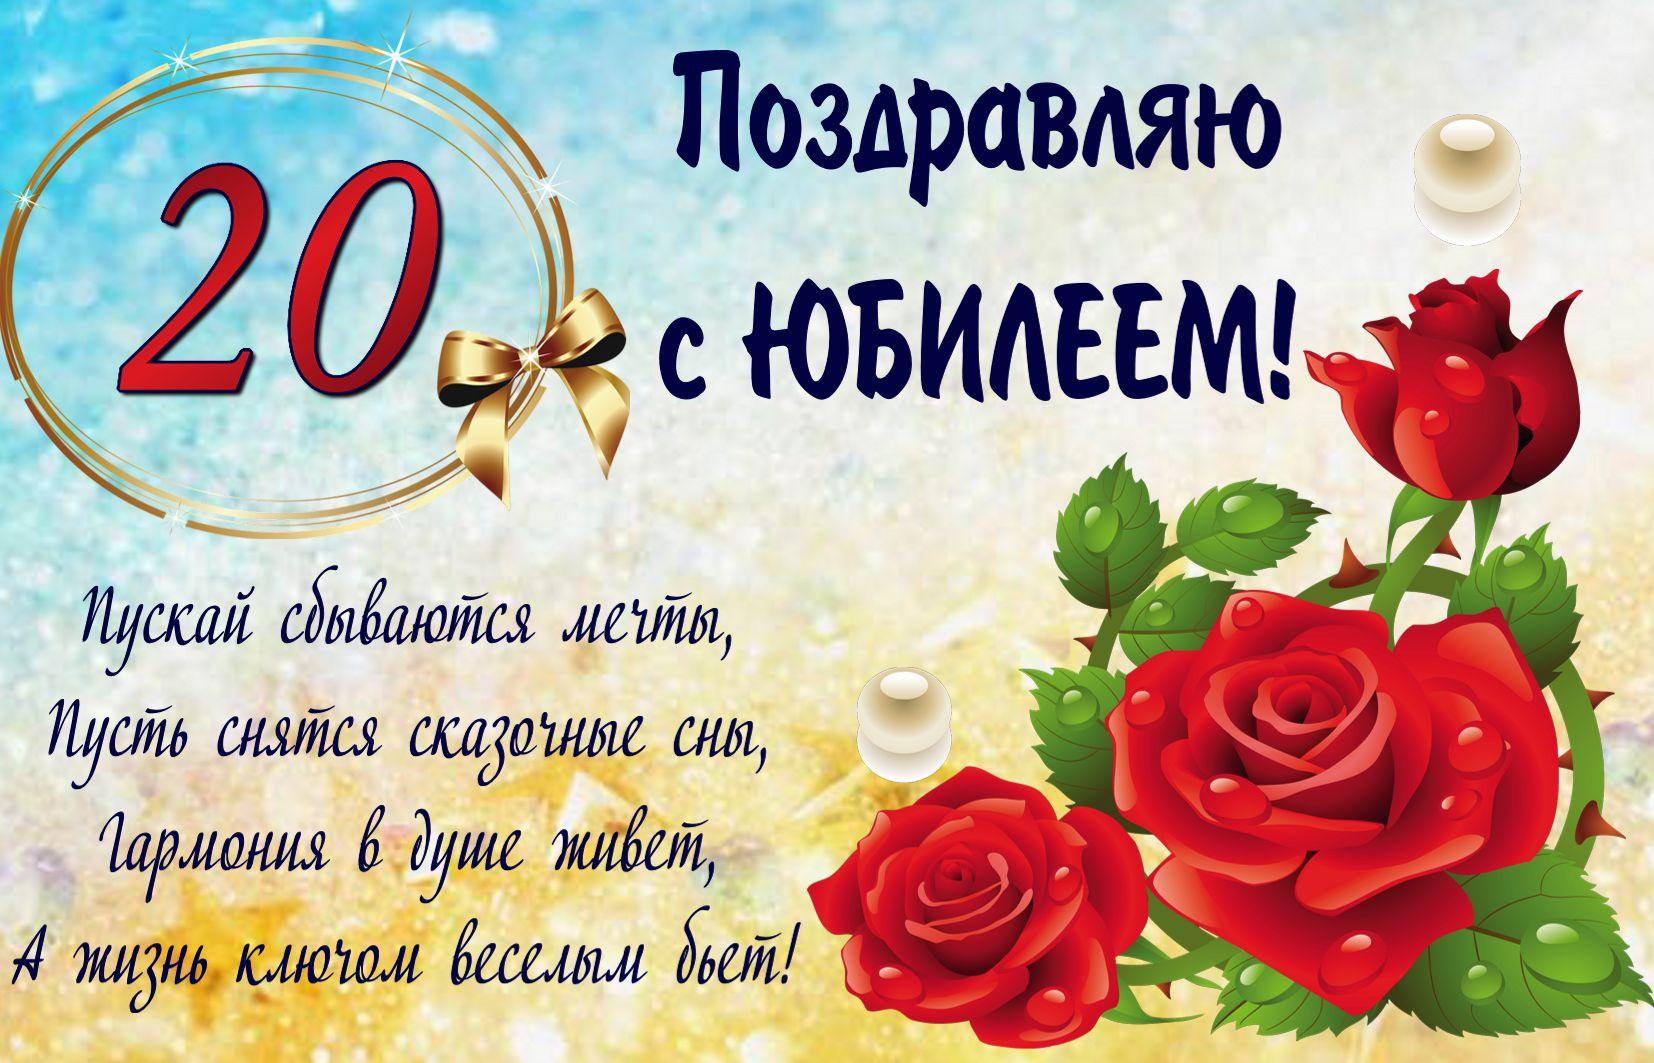 Открытка - пожелание на юбилей с красными розами